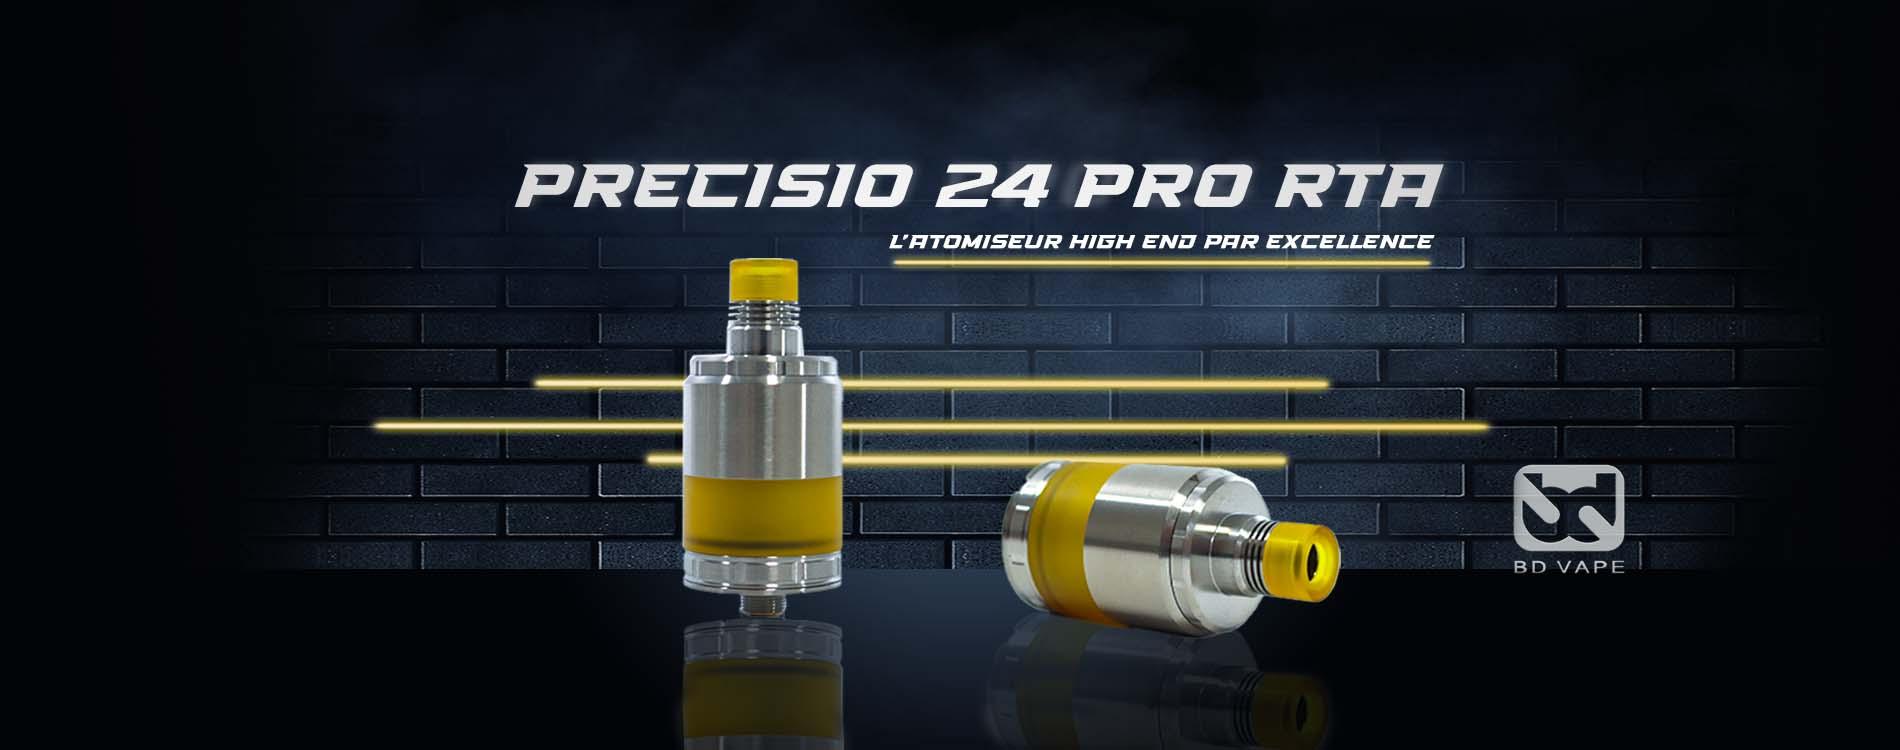 Precicio-Pro-24-RTA2